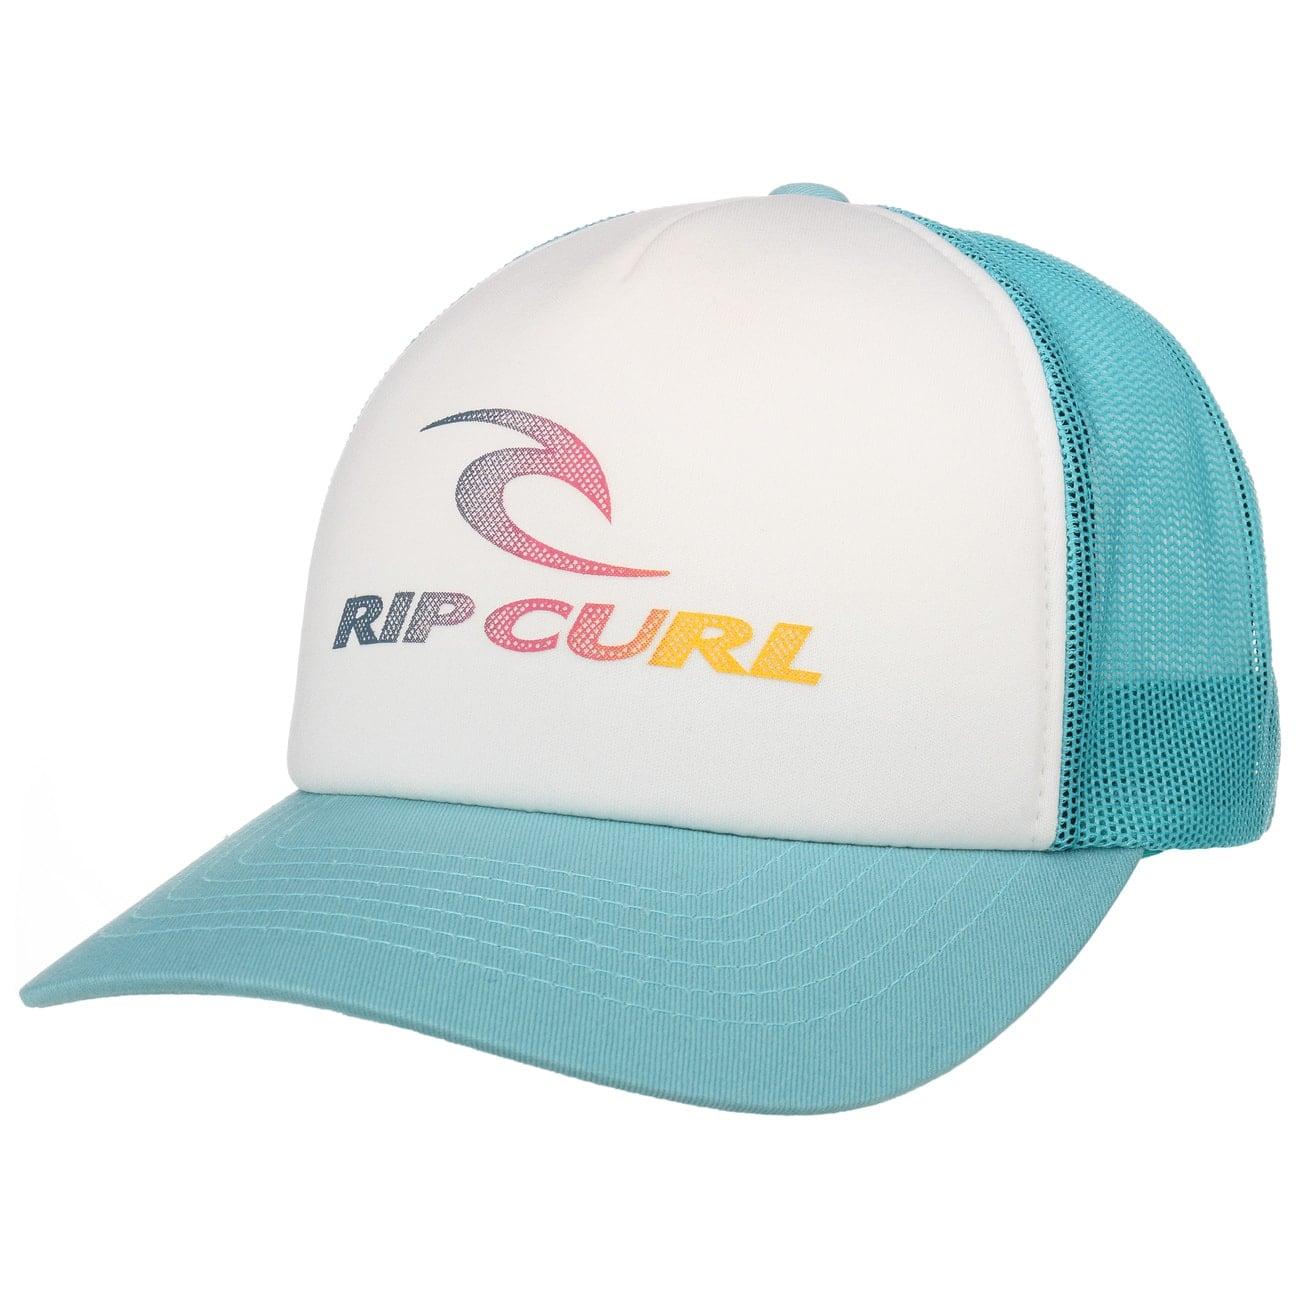 Casquette Trucker Surfer Company by Rip Curl  casquette trucker